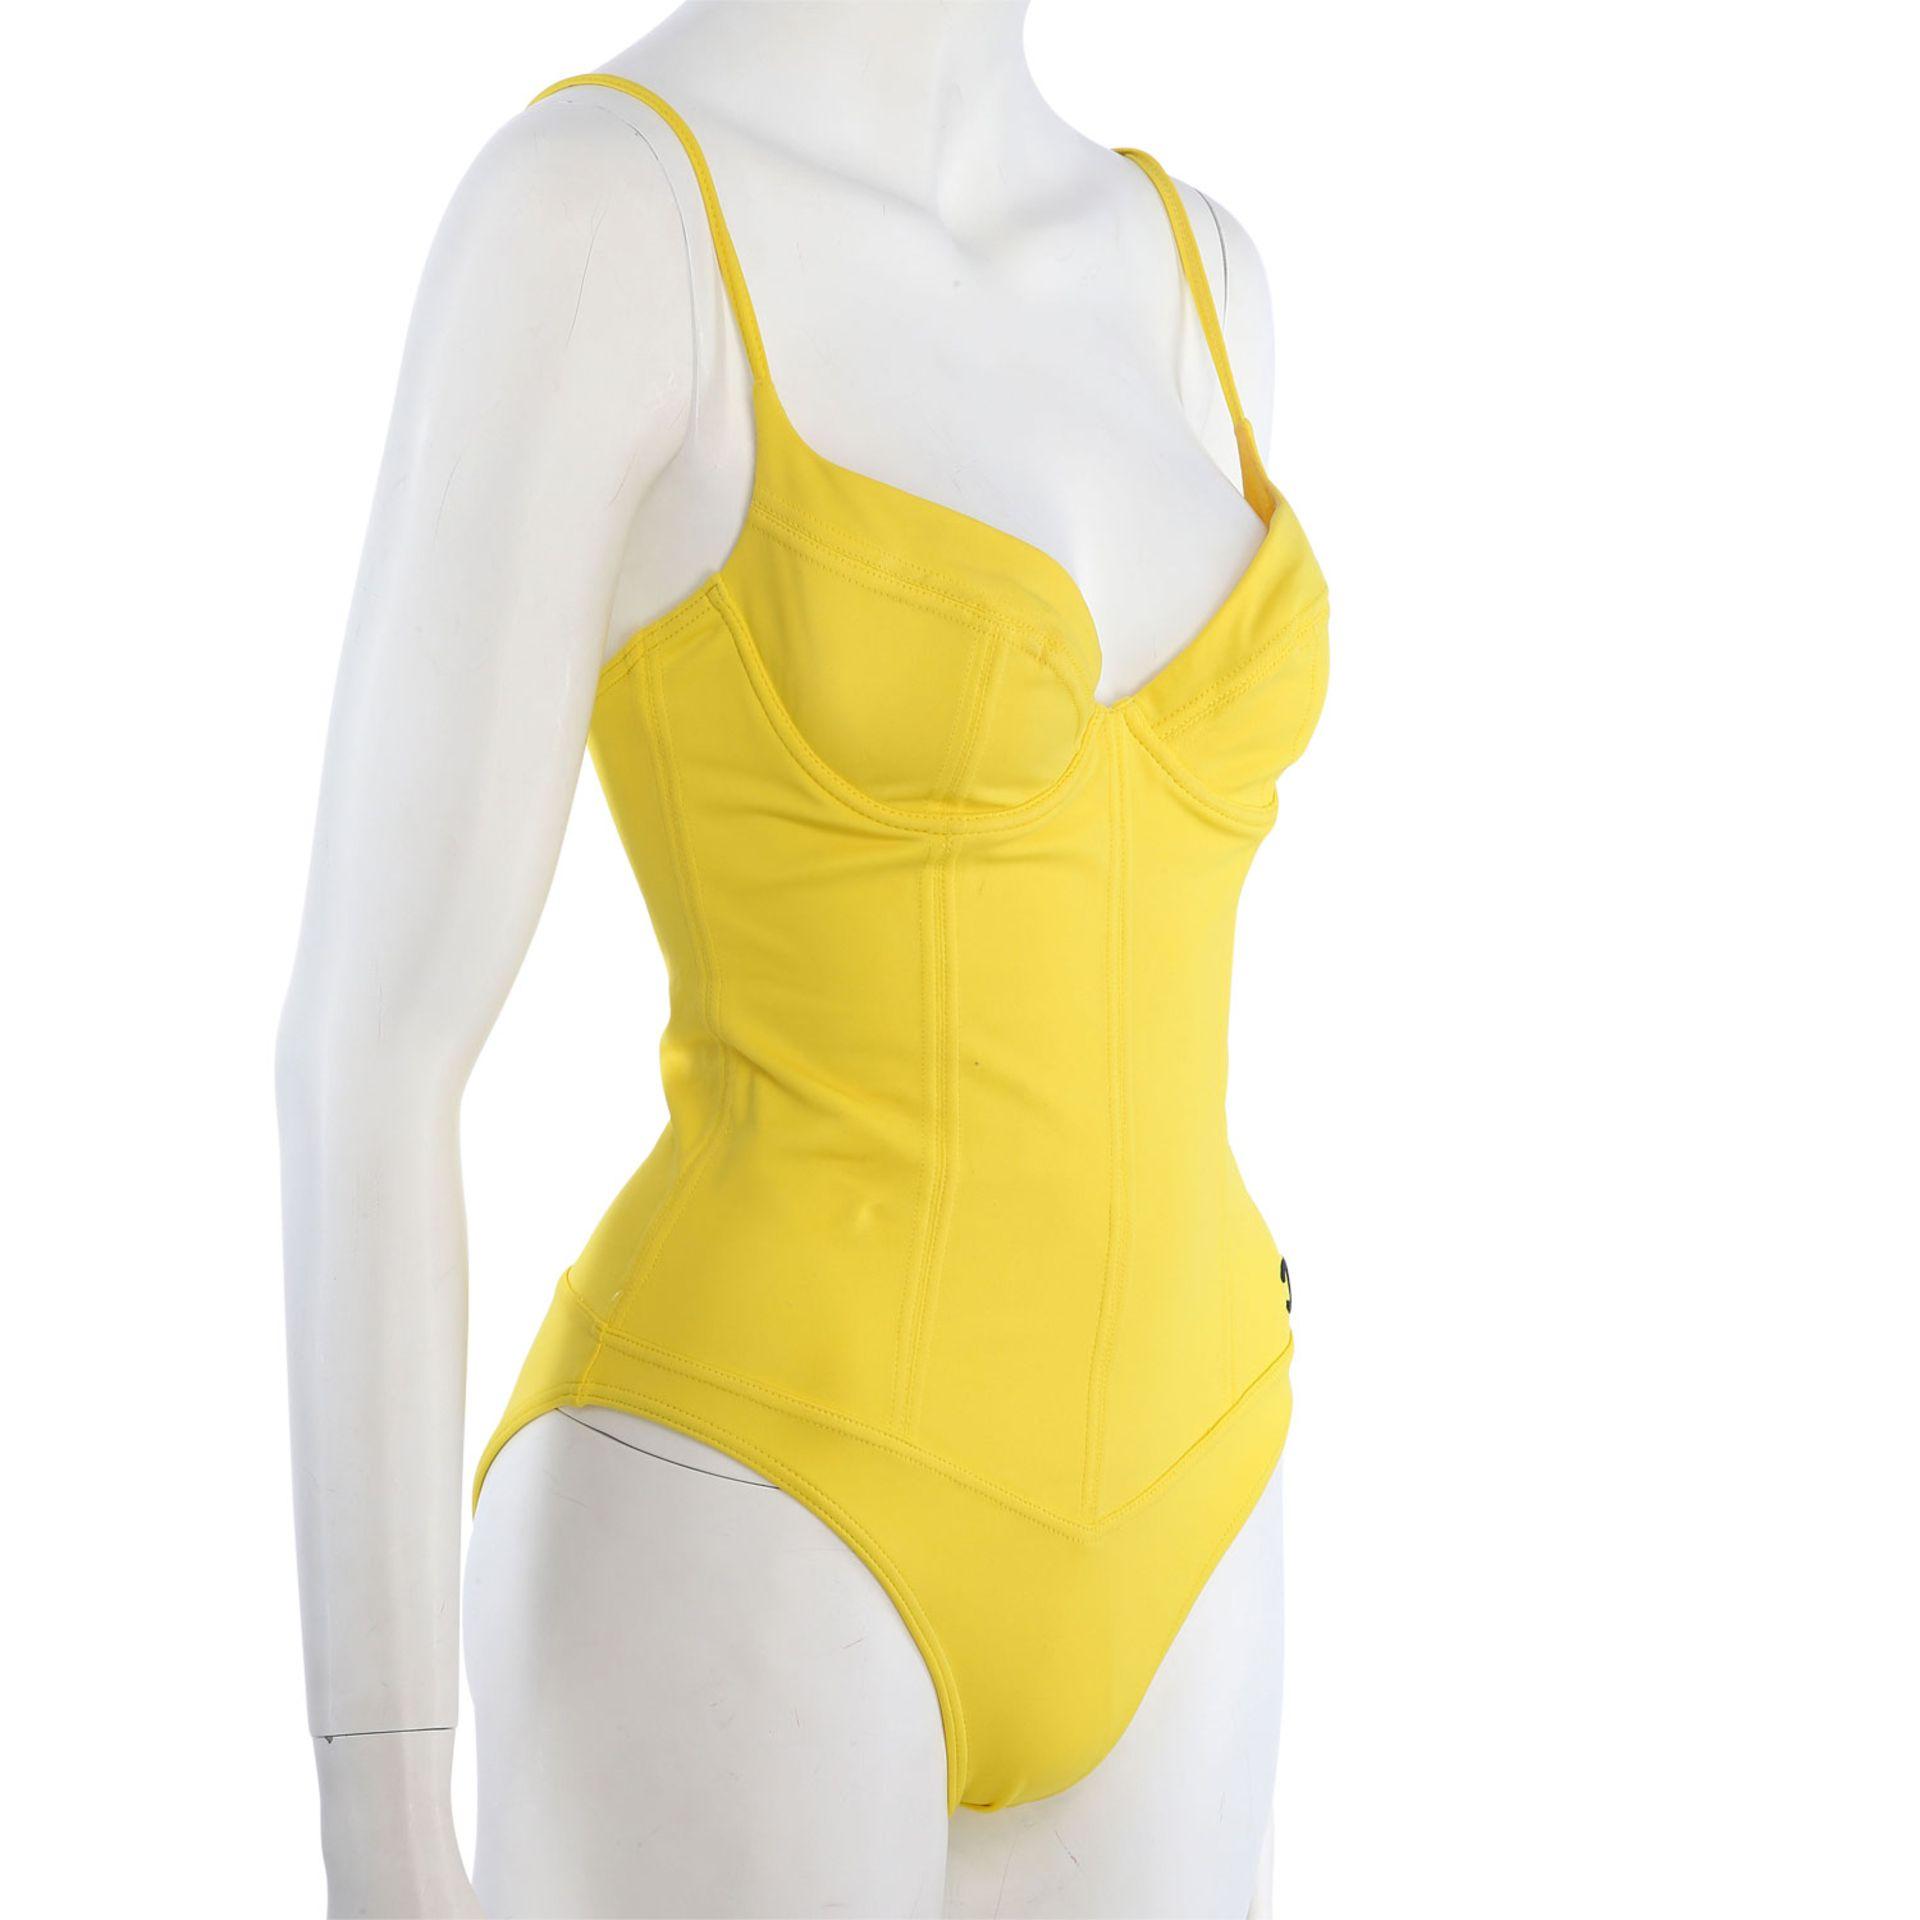 CHANEL VINTAGE Badeanzug, Gr. 38/40.NP. ca.: 1.500,-€. Gelbes Modell mit Teilungsnähten und - Bild 2 aus 4